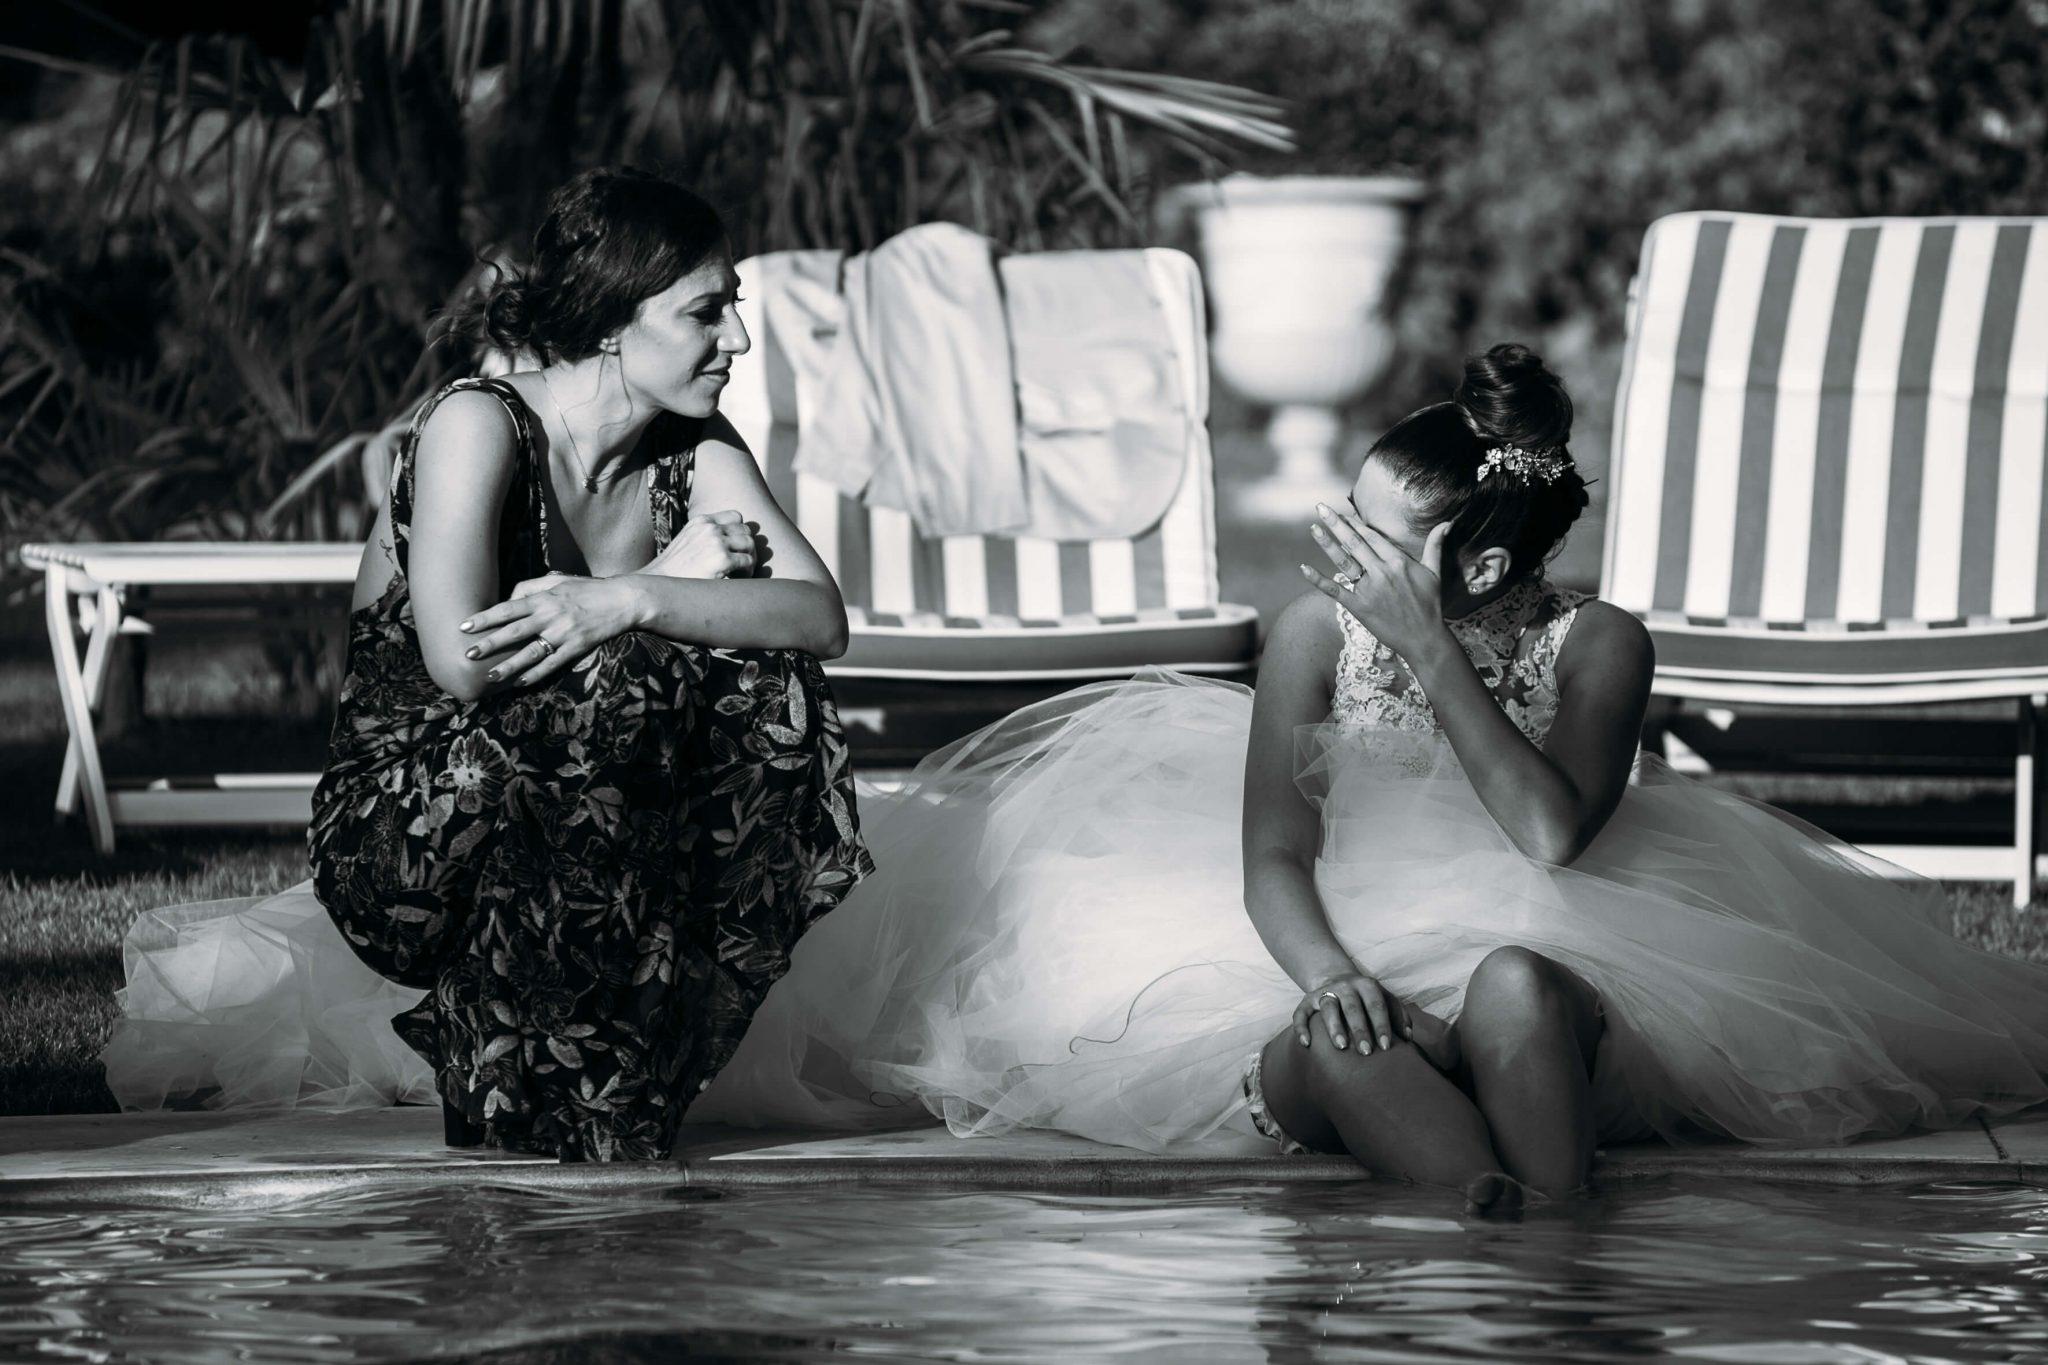 la sposa a bordo piscina chiacchiera con un'amica